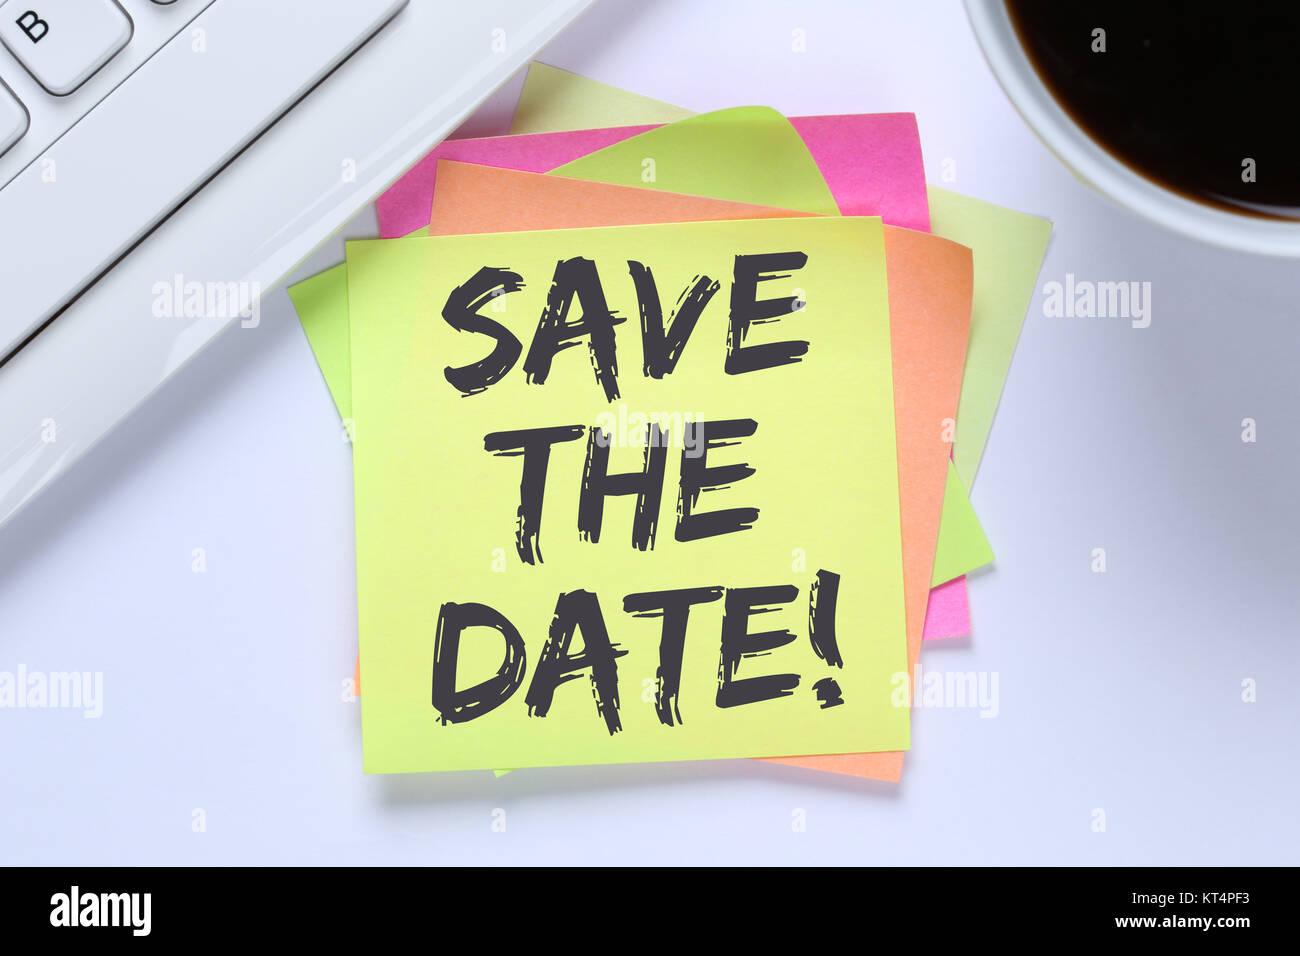 Save the date Termin Datum Einladung Verabredung Business Schreibtisch Computer Tastatur - Stock Image